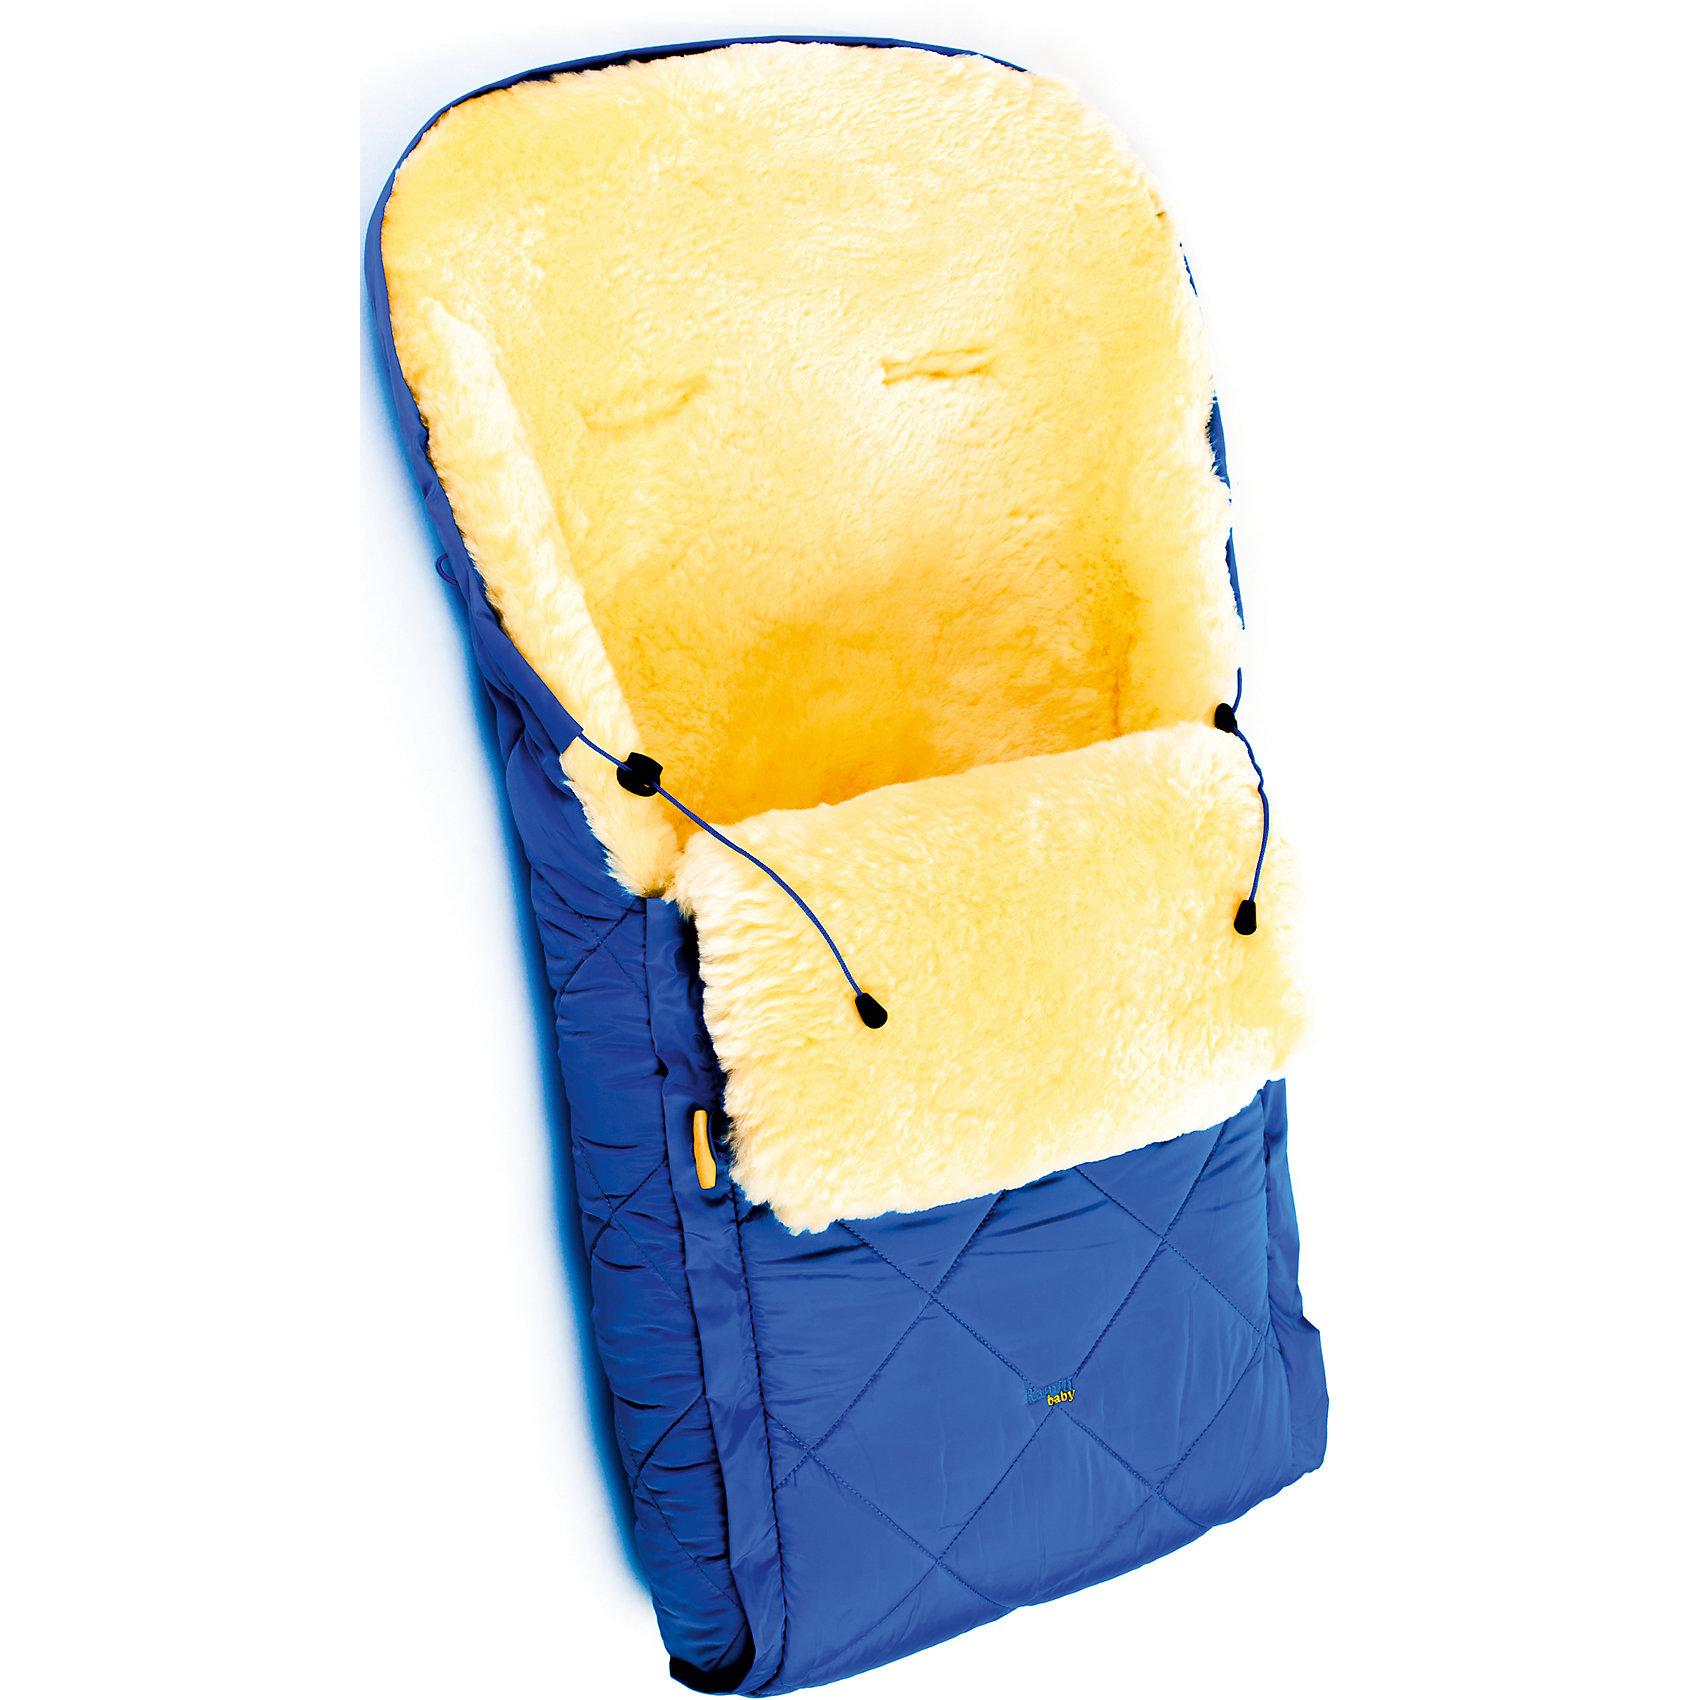 Конверт в коляску натур овчина, Ramili, синийЗимние конверты<br>Конверт в коляску натур овчина, Ramili, красный изготовлен по британской технологии с соблюдением всех норм и требований к безопасности для изделий, предназначенных для новорожденных. Верх конверта выполнен из плащевой ткани, которая обеспечивает защиту от ветра и влаги, при этом обладает высокими износоустойчивыми свойствами; внутренняя часть – из натуральной овчины, выделанной по специализированной технологии обработки, при которой не используются красители и химические вещества. При этом при обработке сохраняются свойства натуральной овчины и завиток, который обеспечивает повышенные теплоизоляционные свойства. Изделие обладает высокими гипоаллергенными свойствами. Конверт удобен в использовании: сбоку имеется молния,егивании которой, конверт делится на две части, это позволяет его использовать и как коврик в санки или на пол для игр ребенка; Сверху предусмотрена стяжка, благодаря которой верхняя часть стягивается в капюшон. Конверт выполнен в ярком цвете, что позволит его использовать для выписки в зимнее время.<br>Конверт в коляску натур овчина, Ramili, красный – это качественные, комфортные и многофункциональные изделия для самых маленьких!<br><br>Характеристики:<br>Сезон: зима<br>Cостав: верх конверта – полиэстер, меховой подклад – овчина, 100%<br>Размеры конверта (Д*Ш): 95*45 см<br>Верх стягивается в капюшон<br>Наличие застежки-молнии<br>Предусмотрены прорези для ремней безопасности<br>Трансформируется в коврик<br>Уход: машинная стирка при температуре не более 40 градусов<br><br>Конверт в коляску натур овчина, Ramili, красный можно купить в нашем интернет-магазине.<br><br>Ширина мм: 900<br>Глубина мм: 600<br>Высота мм: 200<br>Вес г: 1000<br>Цвет: синий<br>Возраст от месяцев: 0<br>Возраст до месяцев: 12<br>Пол: Унисекс<br>Возраст: Детский<br>SKU: 4980603